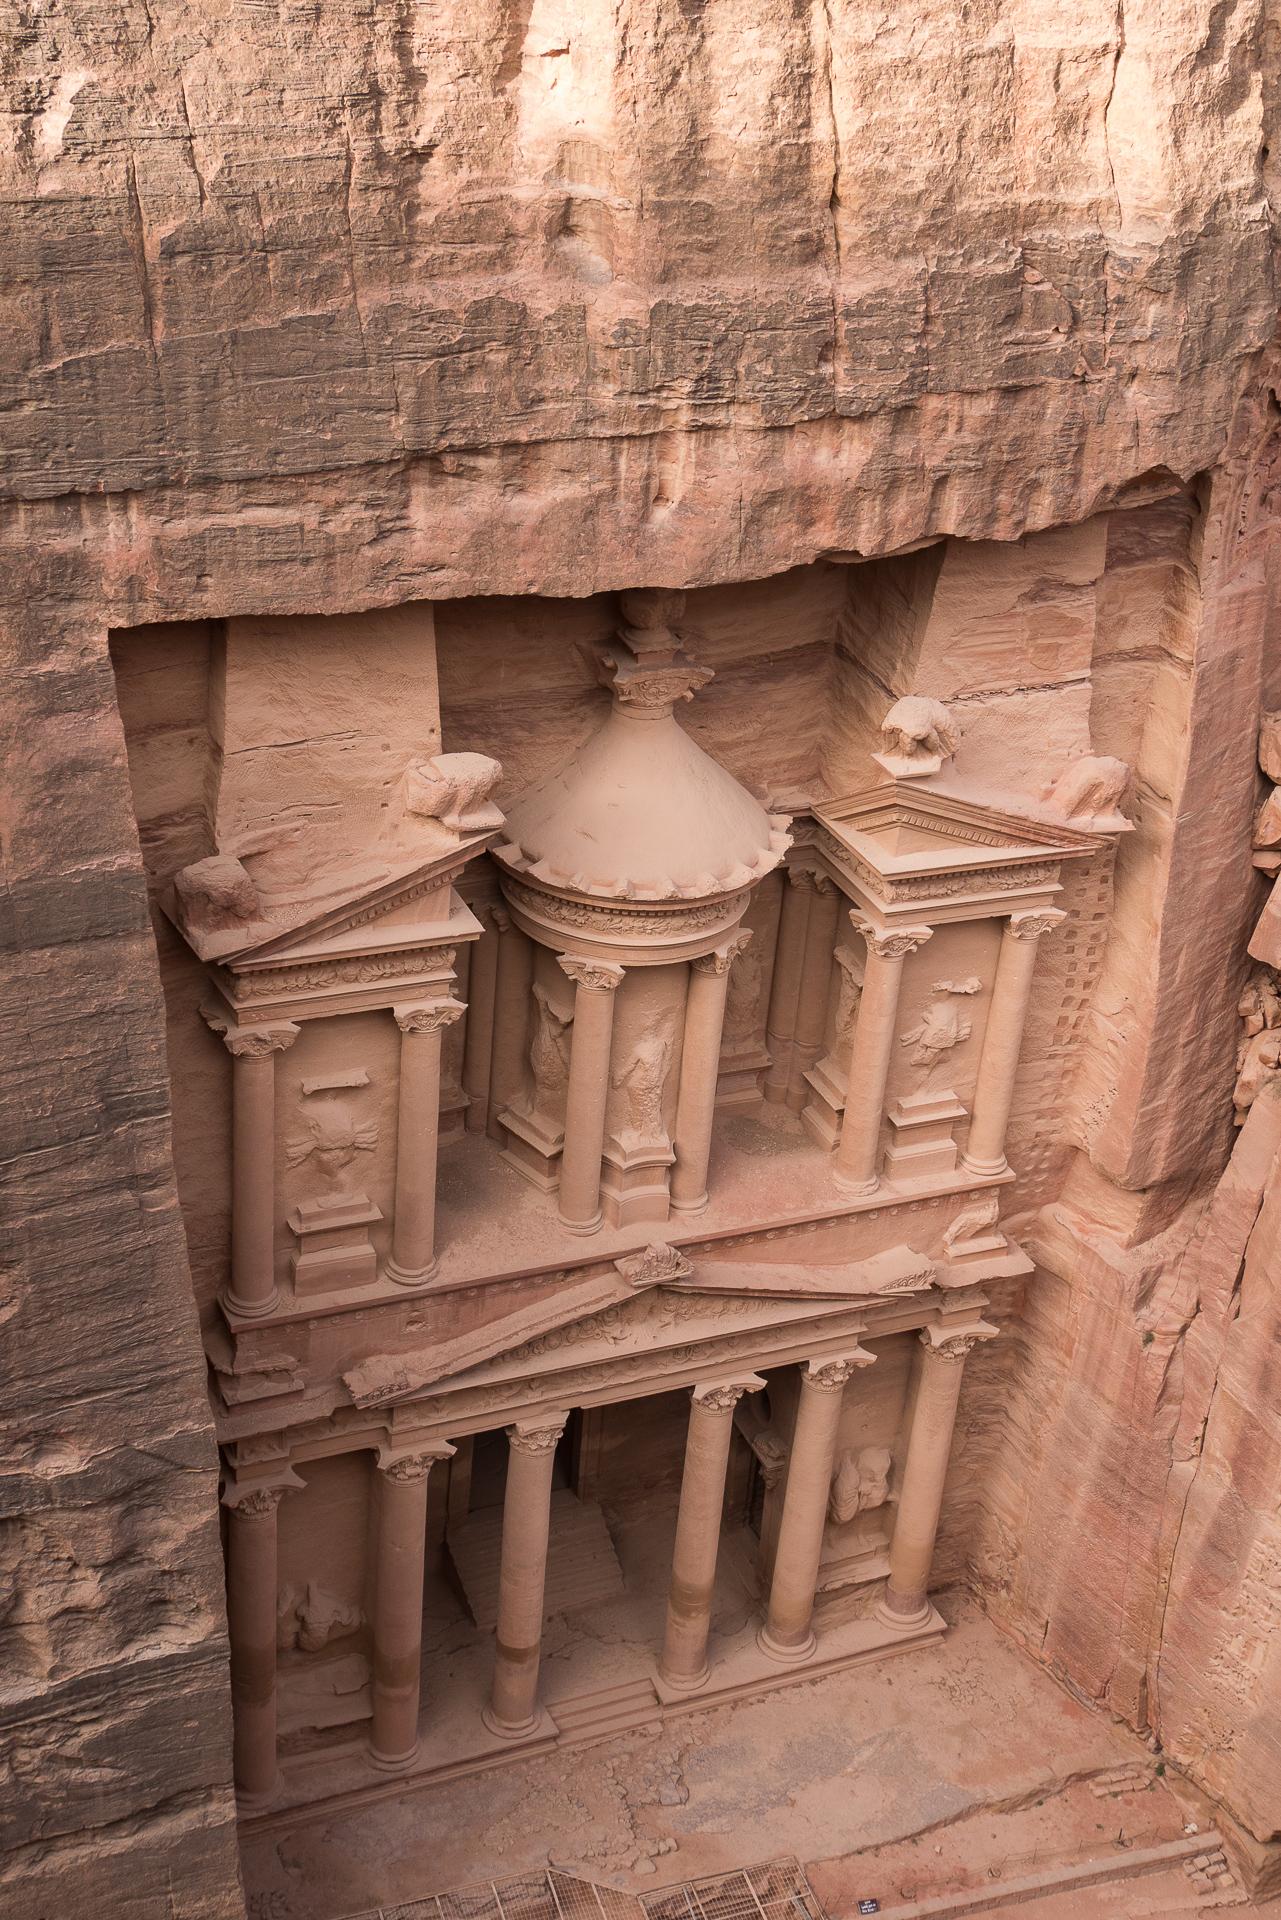 petra jordanie le tresor d'en haut